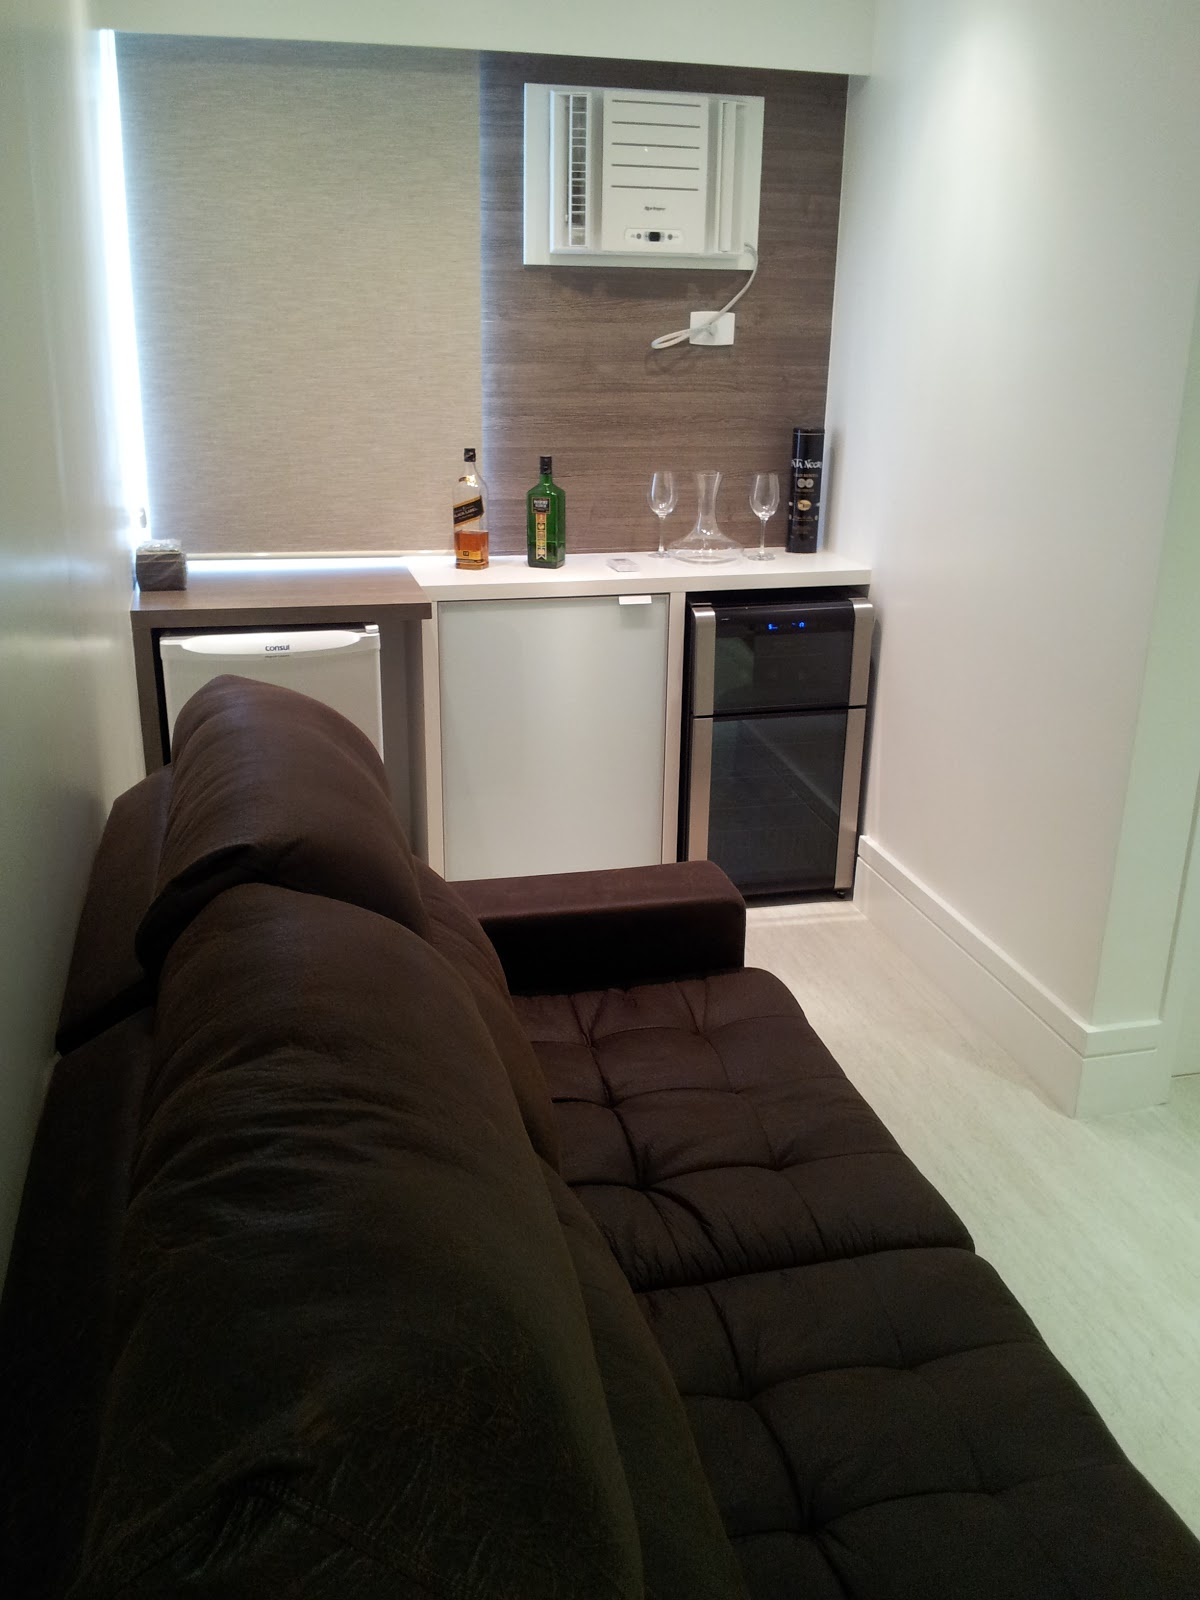 Quarto Vira Sala De Tv ~ um quarto que avançava pela sala, agora com a ajuda de uma parede de